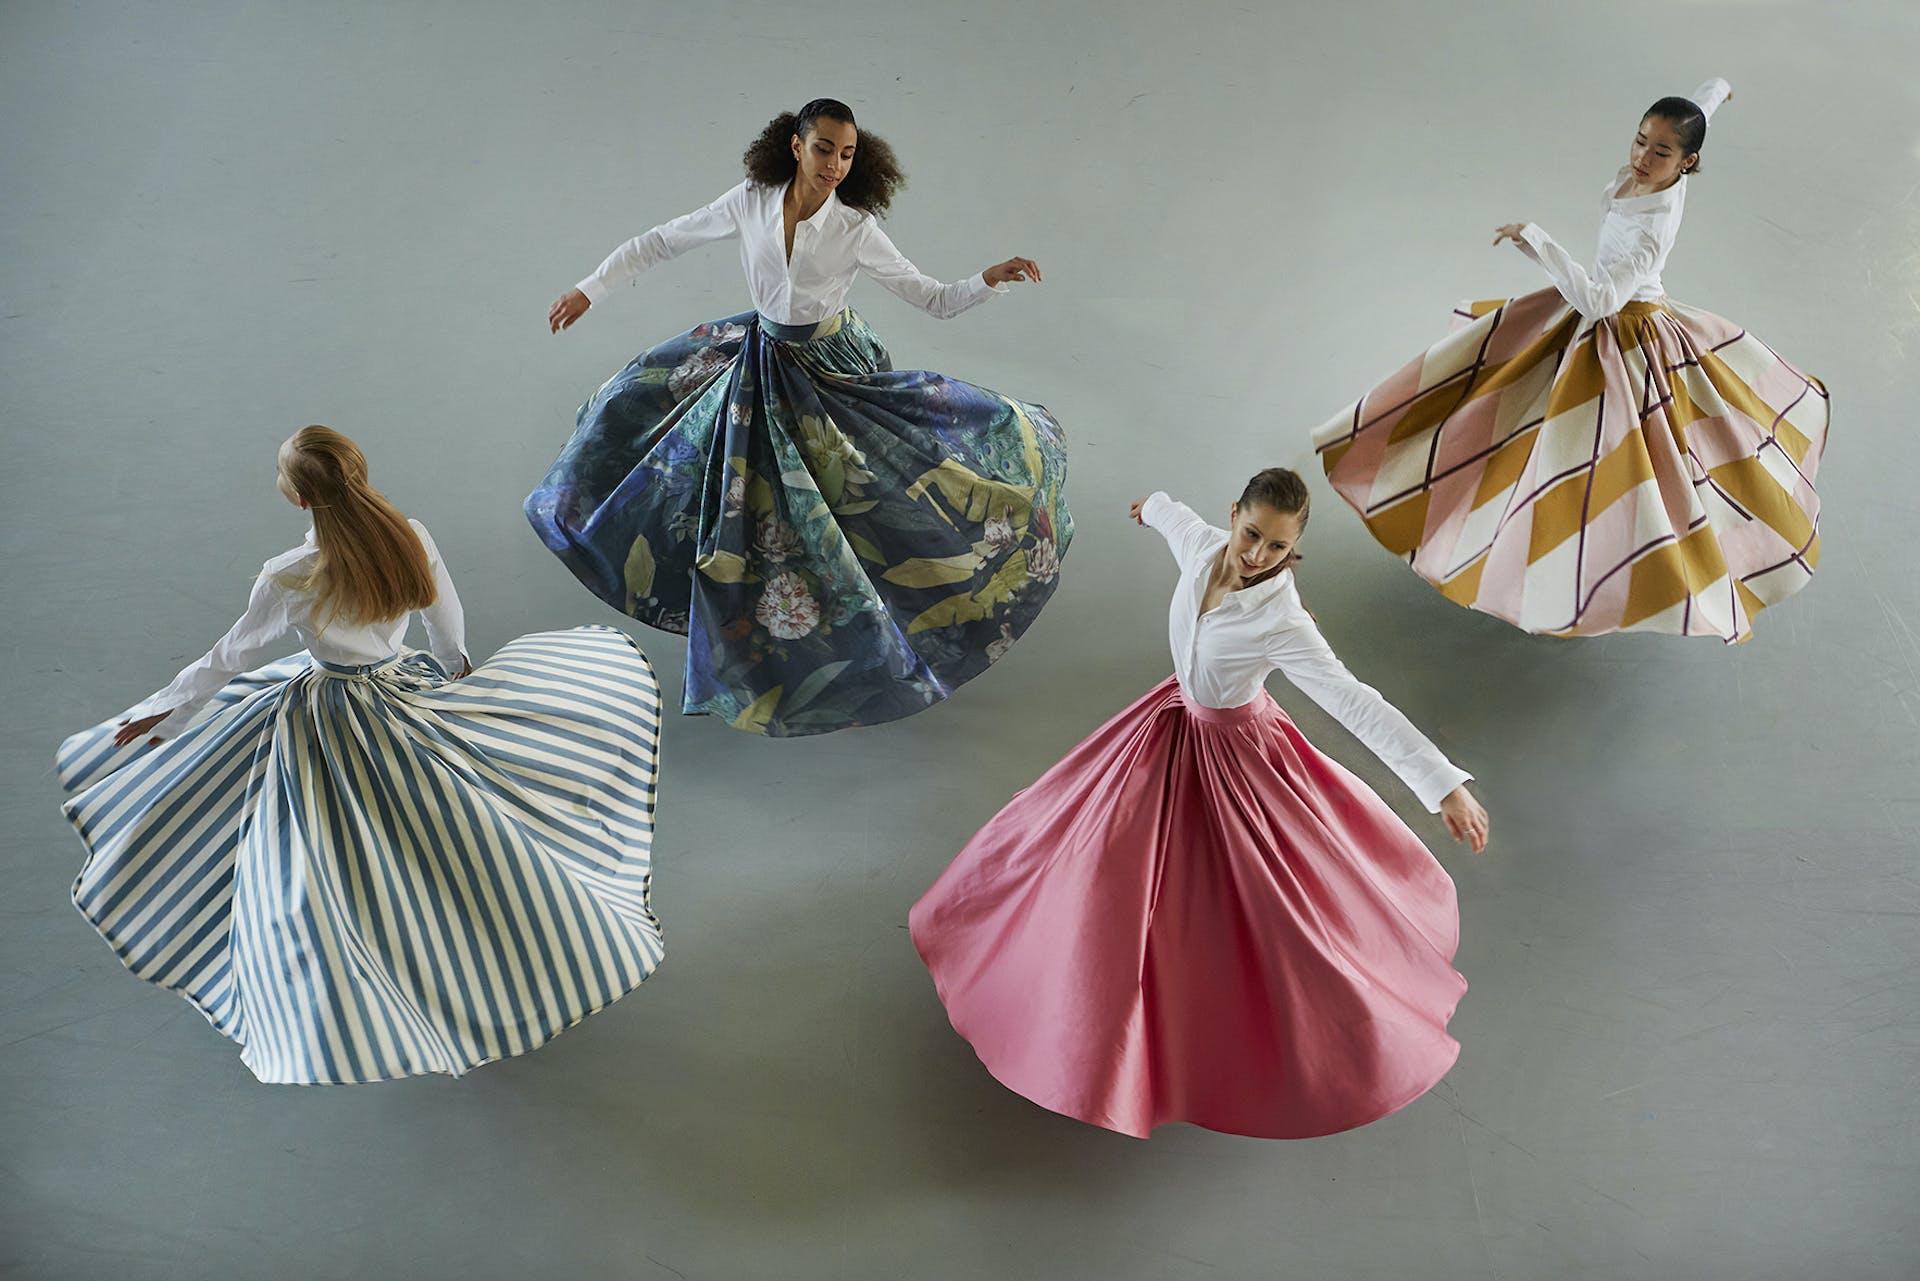 Salon Ballet Behind the Scenes | Seidensticker